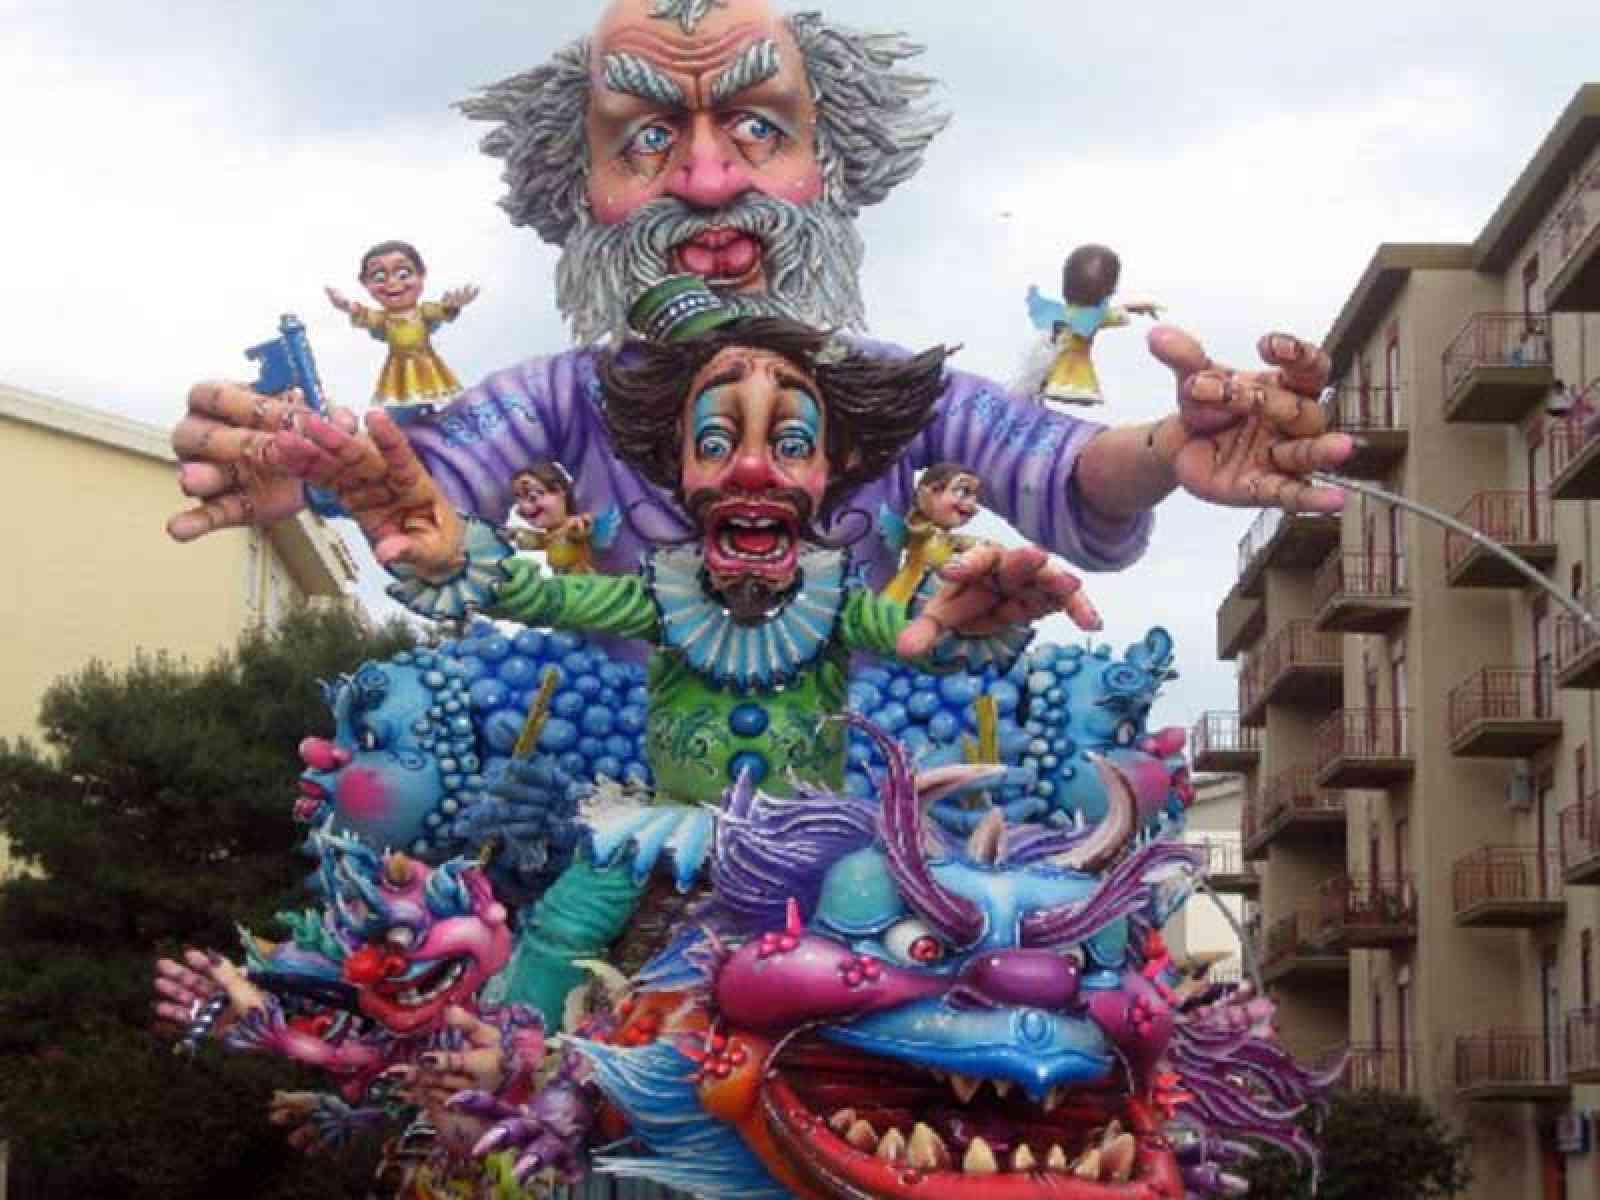 Il Carnevale di Sciacca si farà. Oggi arriva l'ok della Regione per 100mila euro